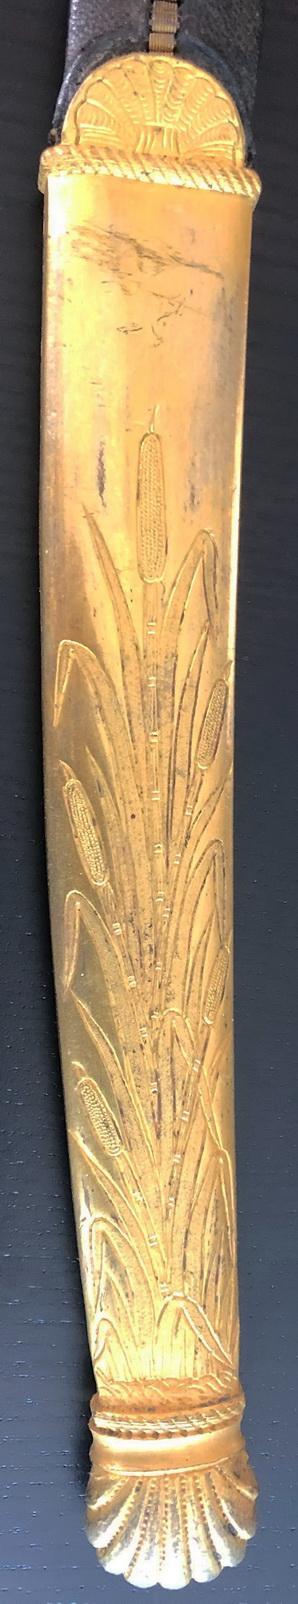 sabre de marine prairial an 12 Img_6910